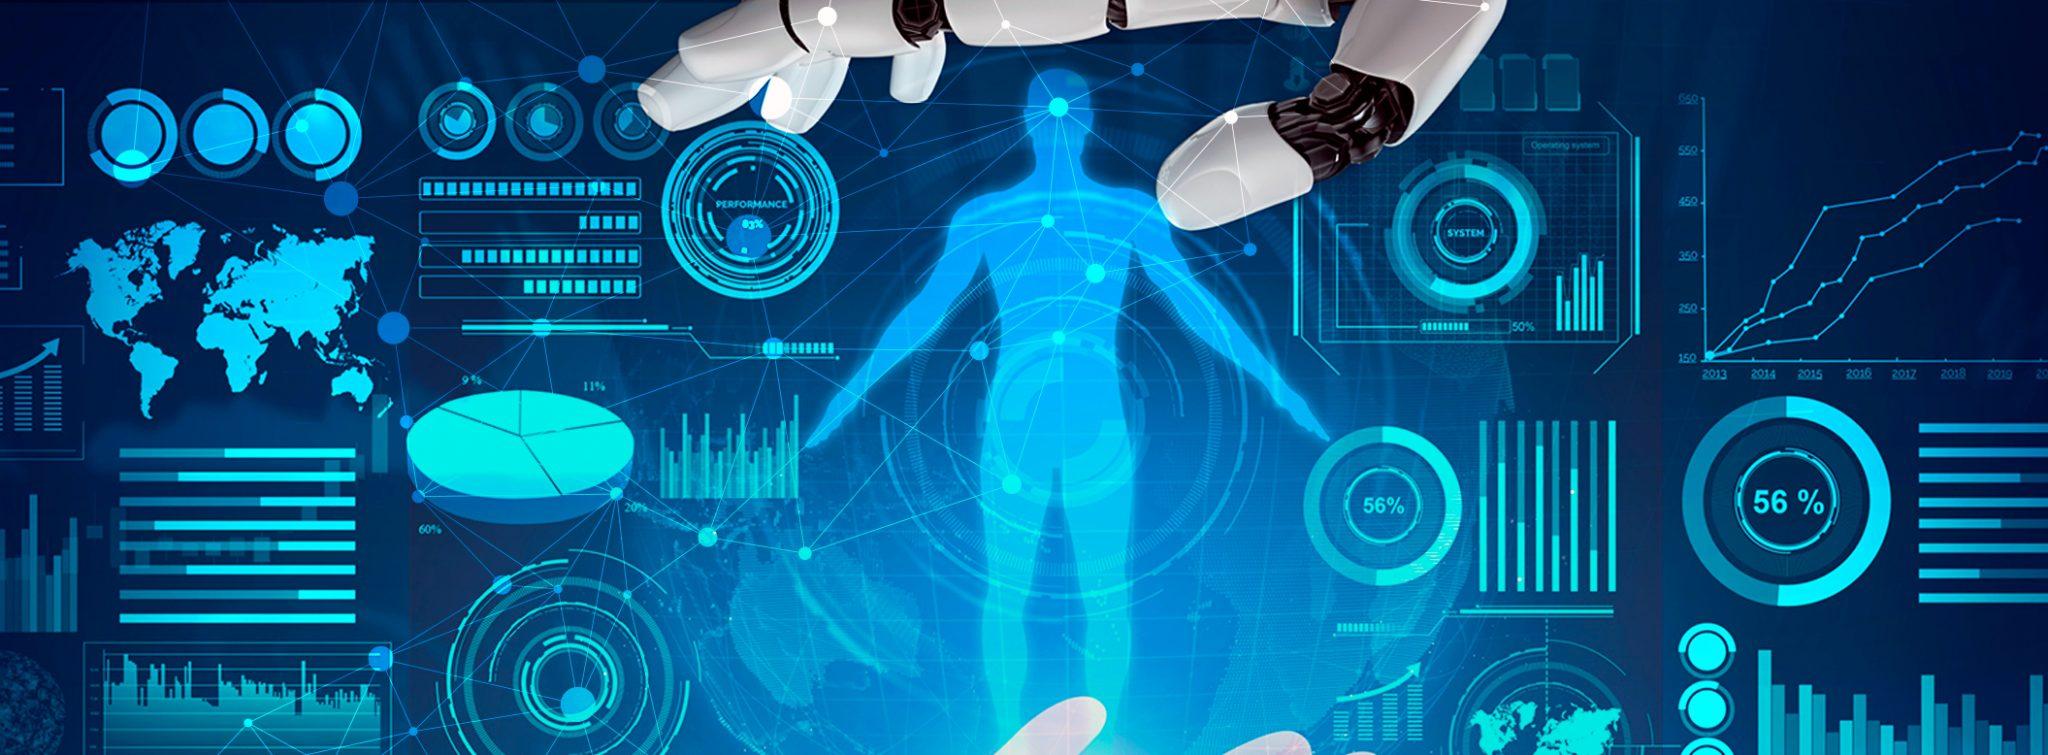 Inteligência Artificial como base para melhores decisões de negócios